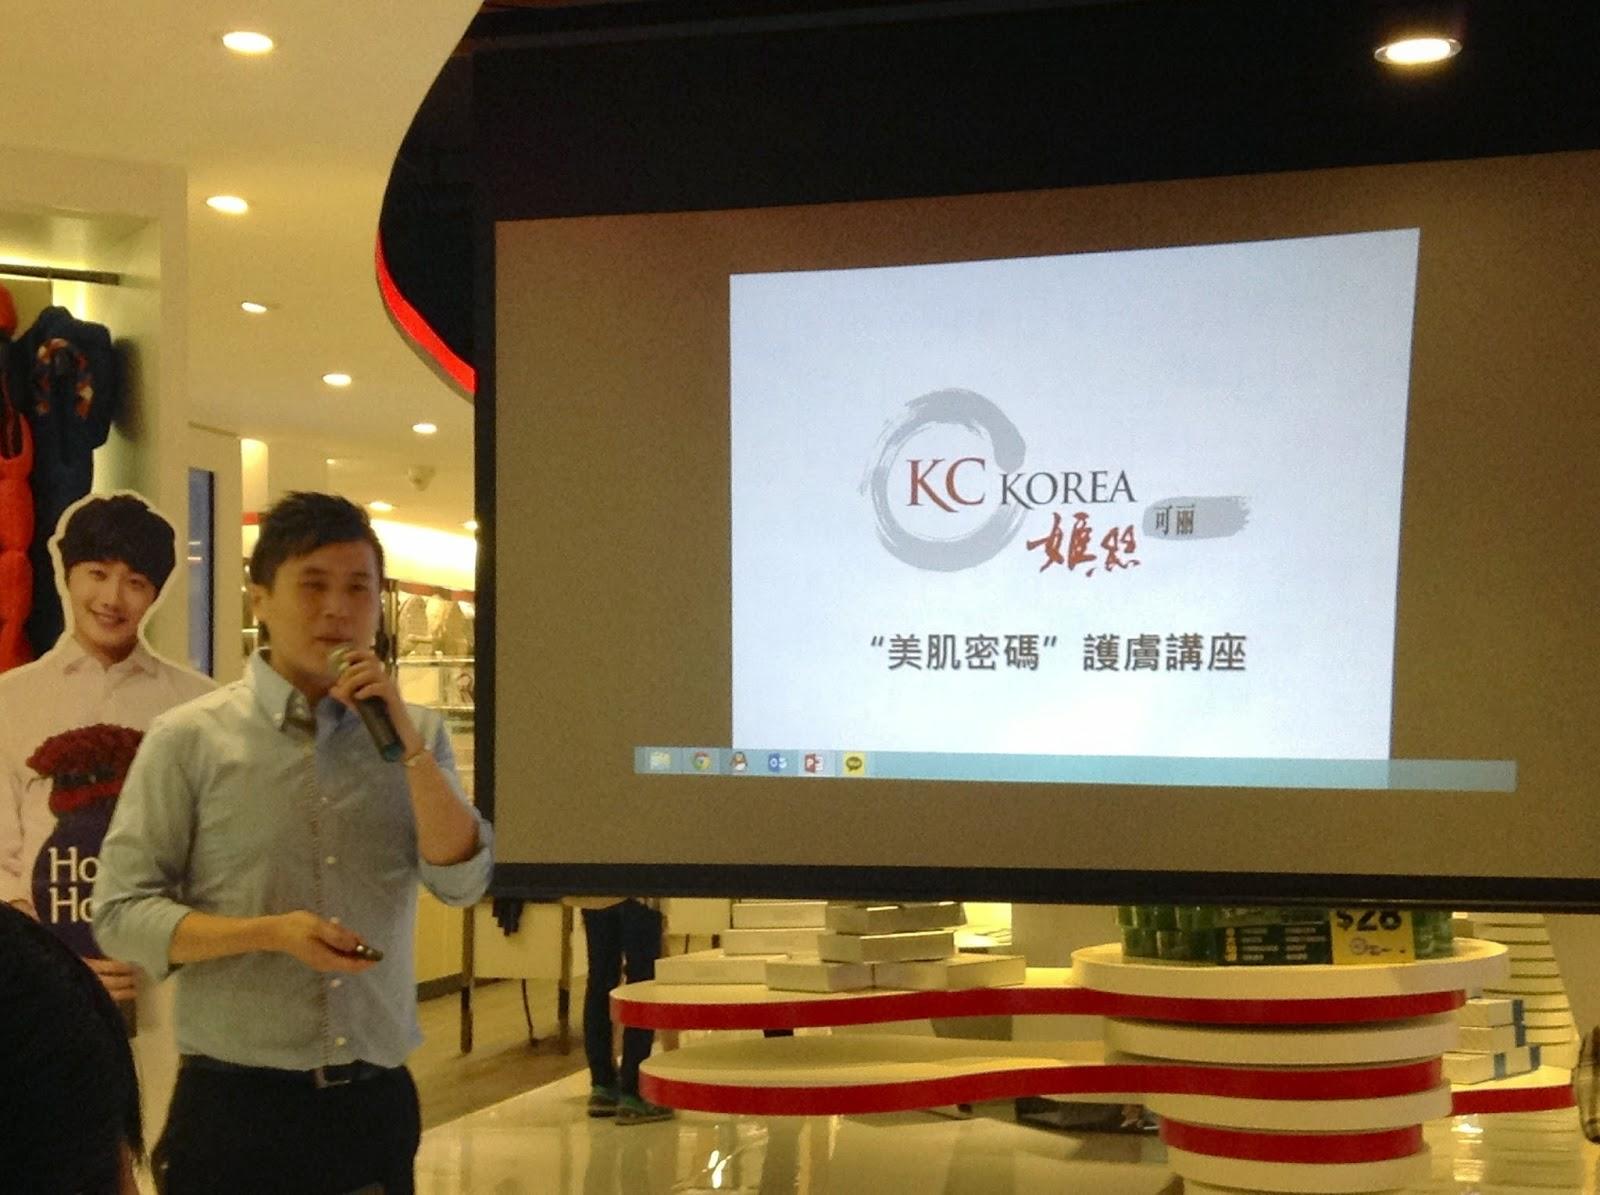 >> 韓國人親述美肌秘密*KC KOREA「美肌密碼」護膚講座